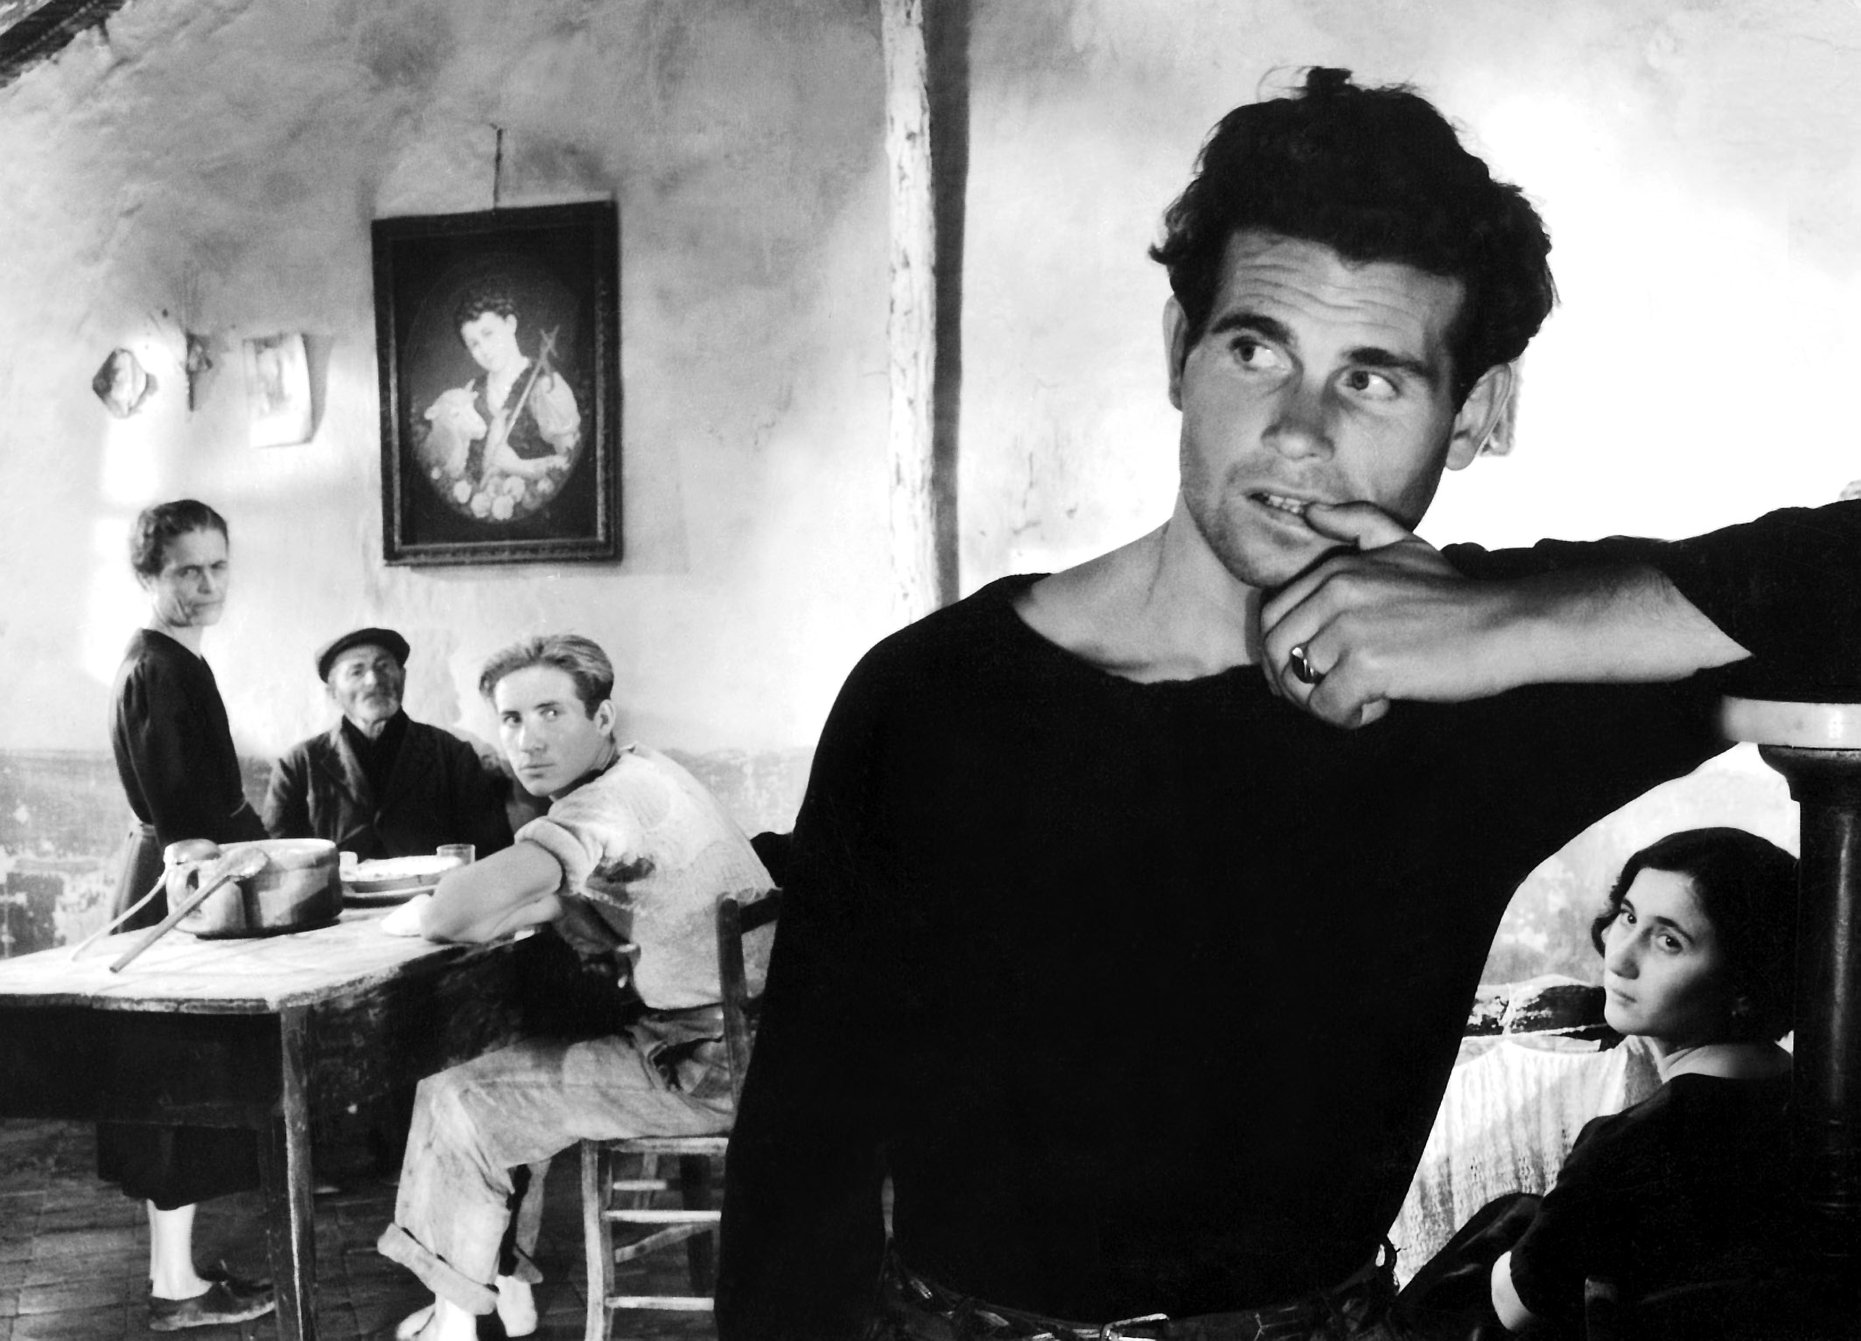 Chi era Luchino Visconti